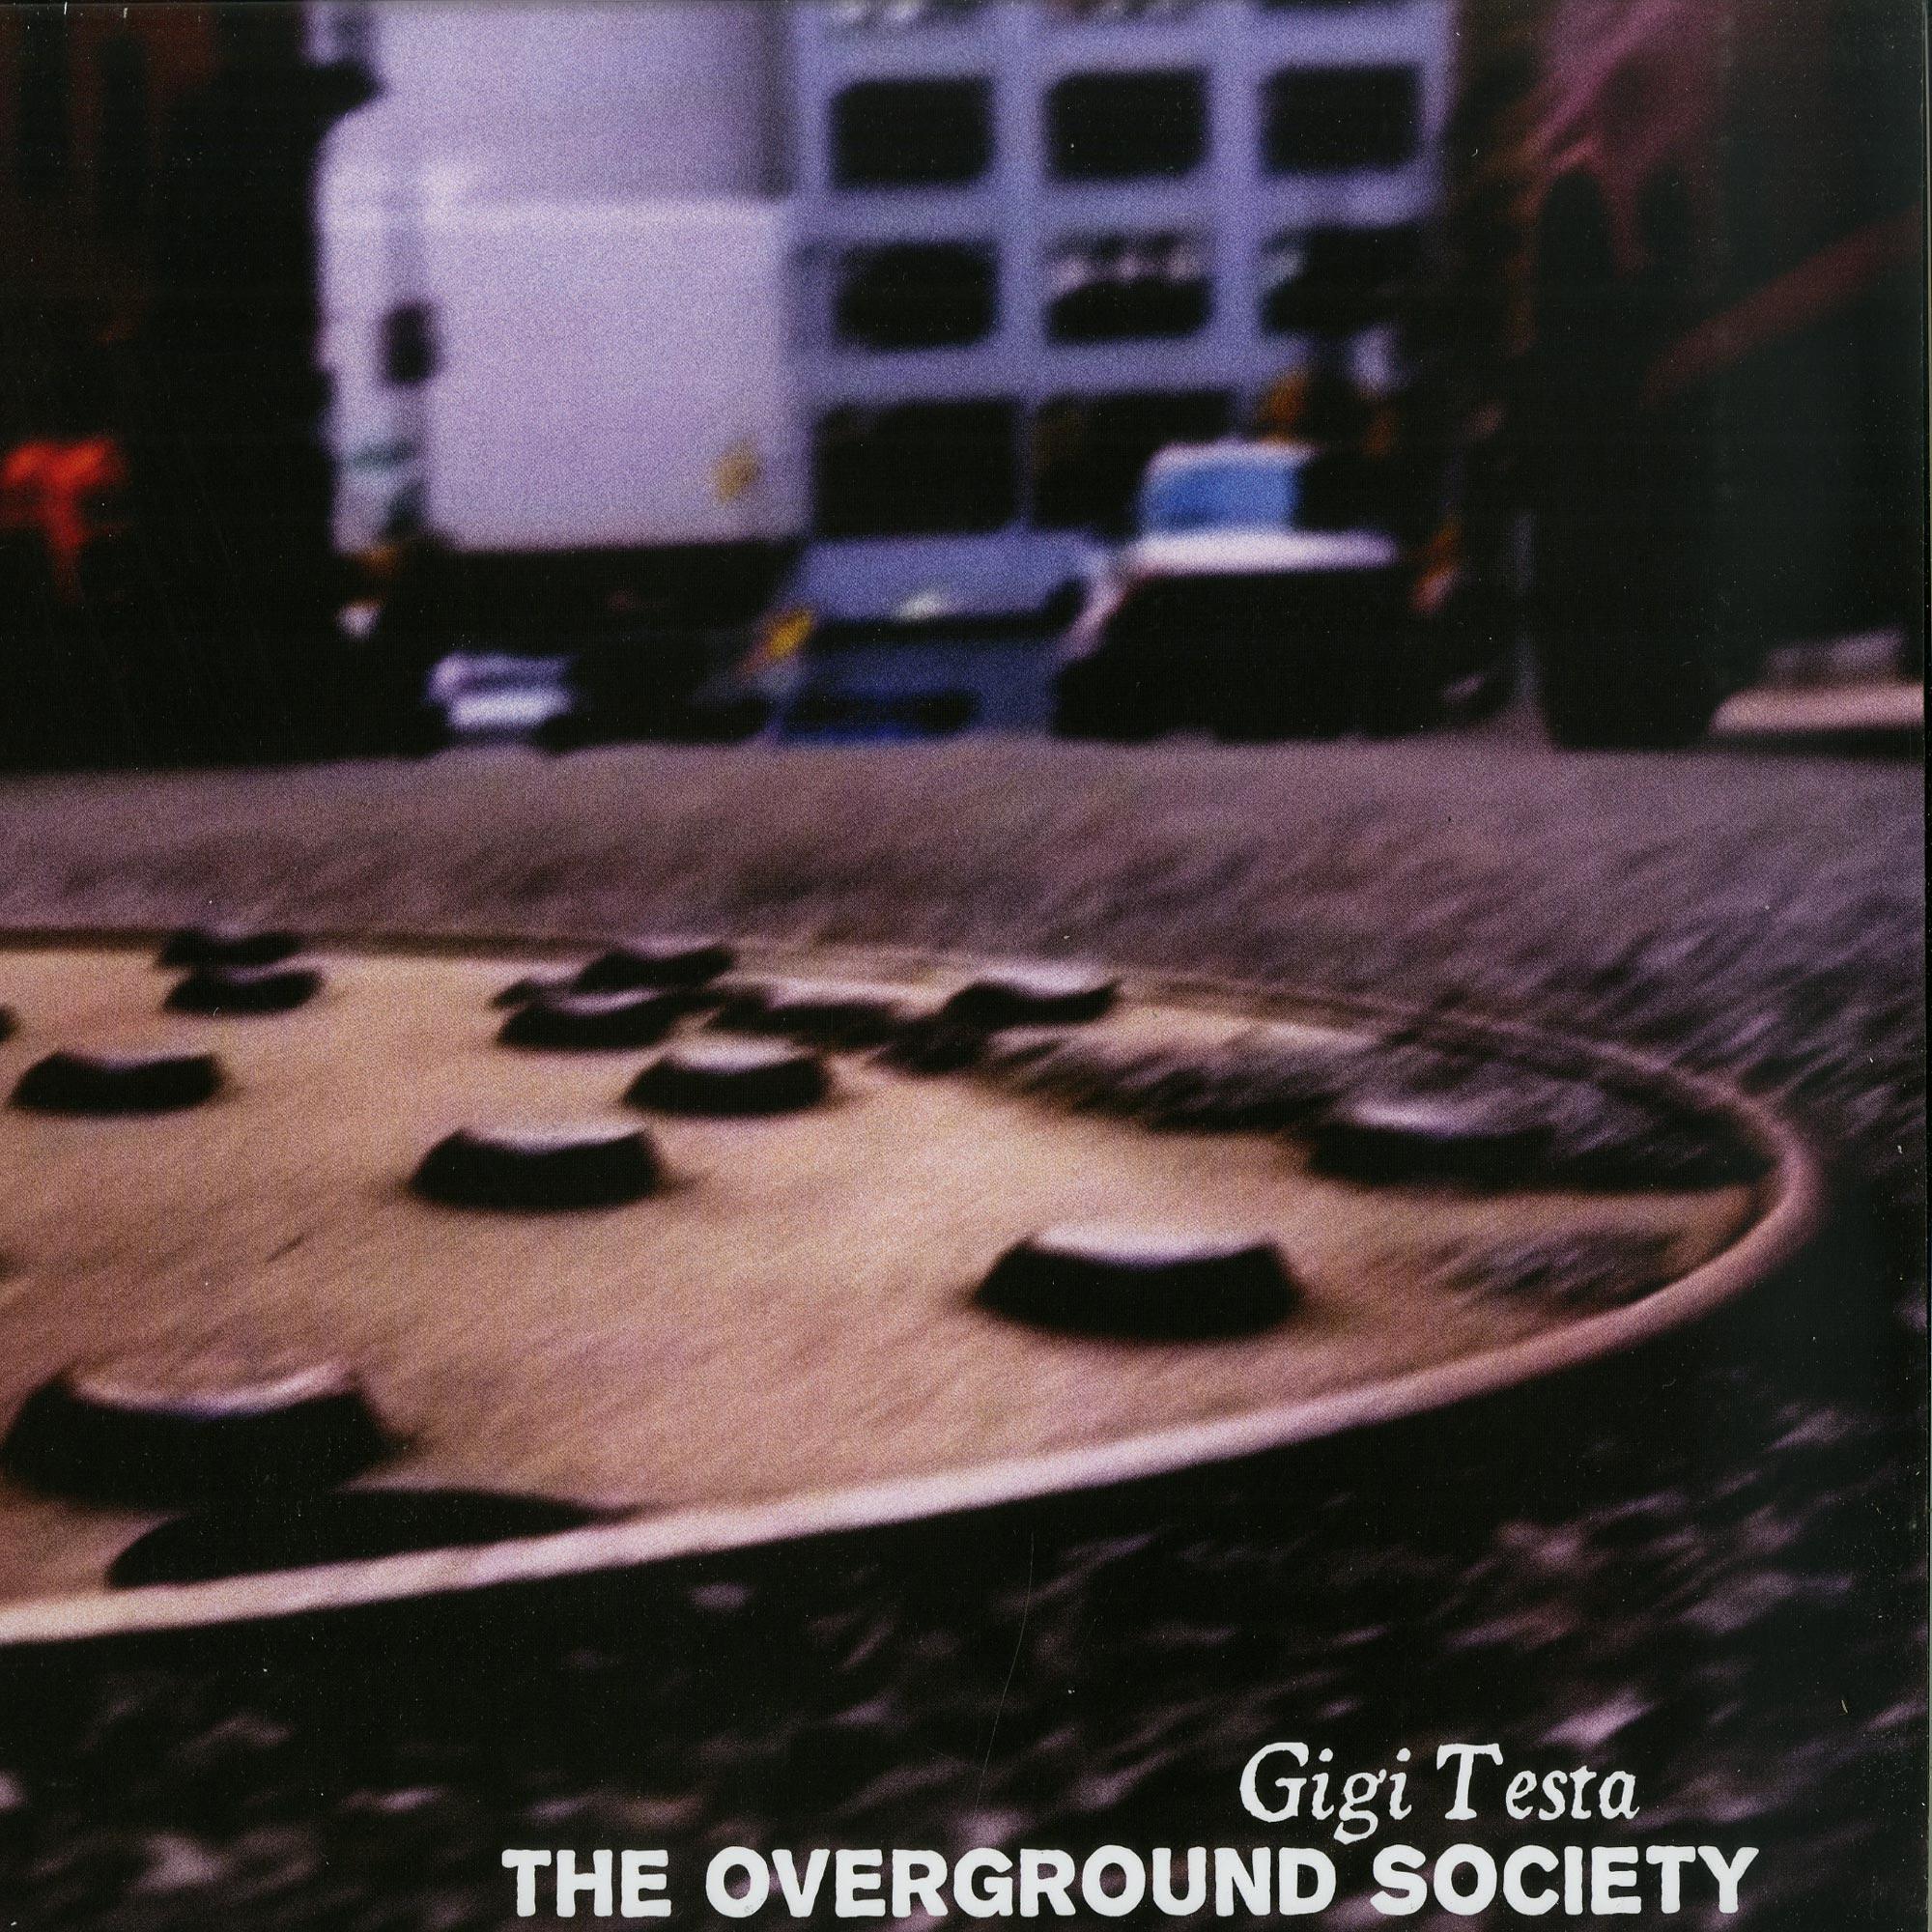 Gigi Testa - THE OVERGROUND SOCIETY